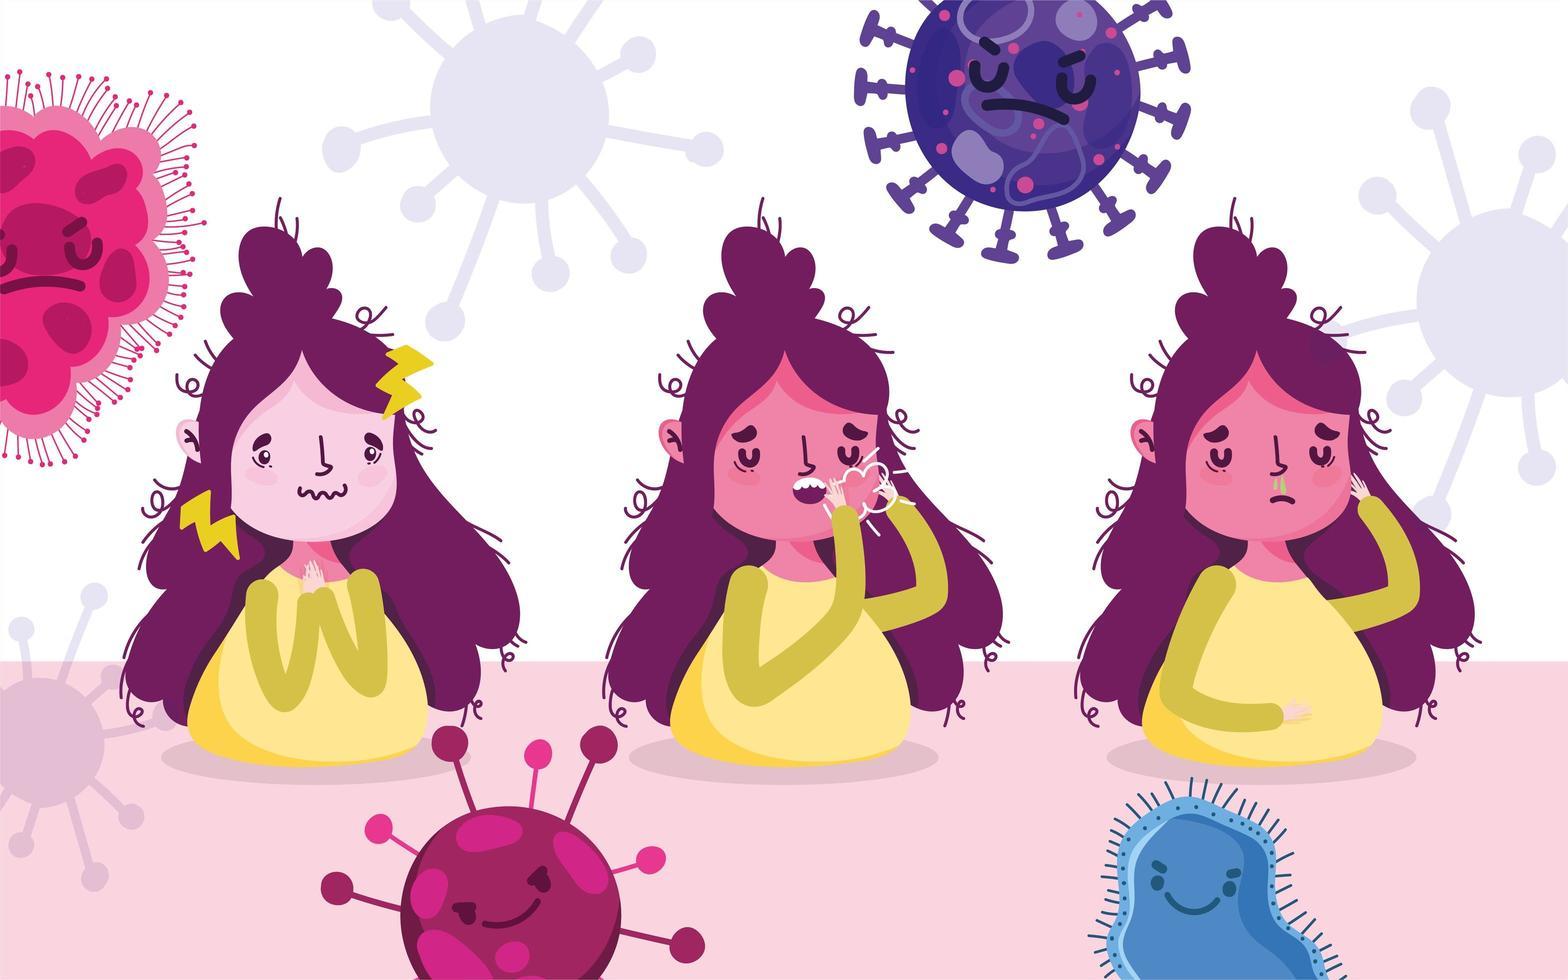 design pandêmico 19 com mulheres com sintomas vetor